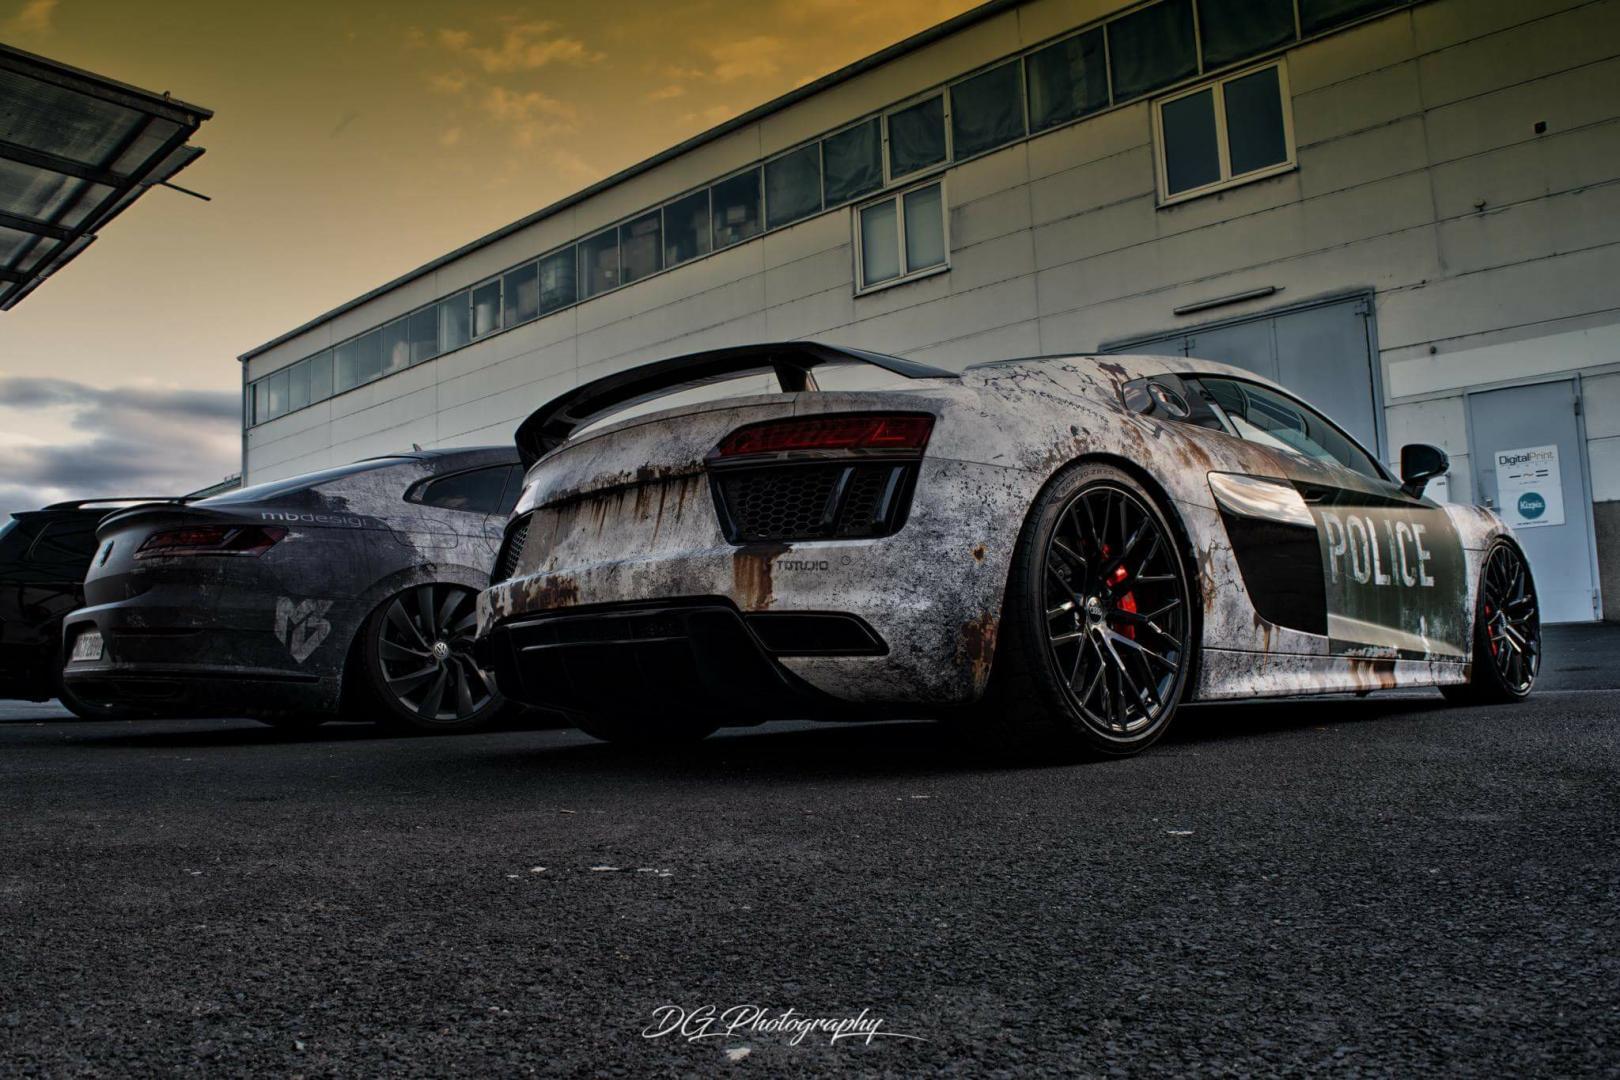 Audi R8 polizei wrap